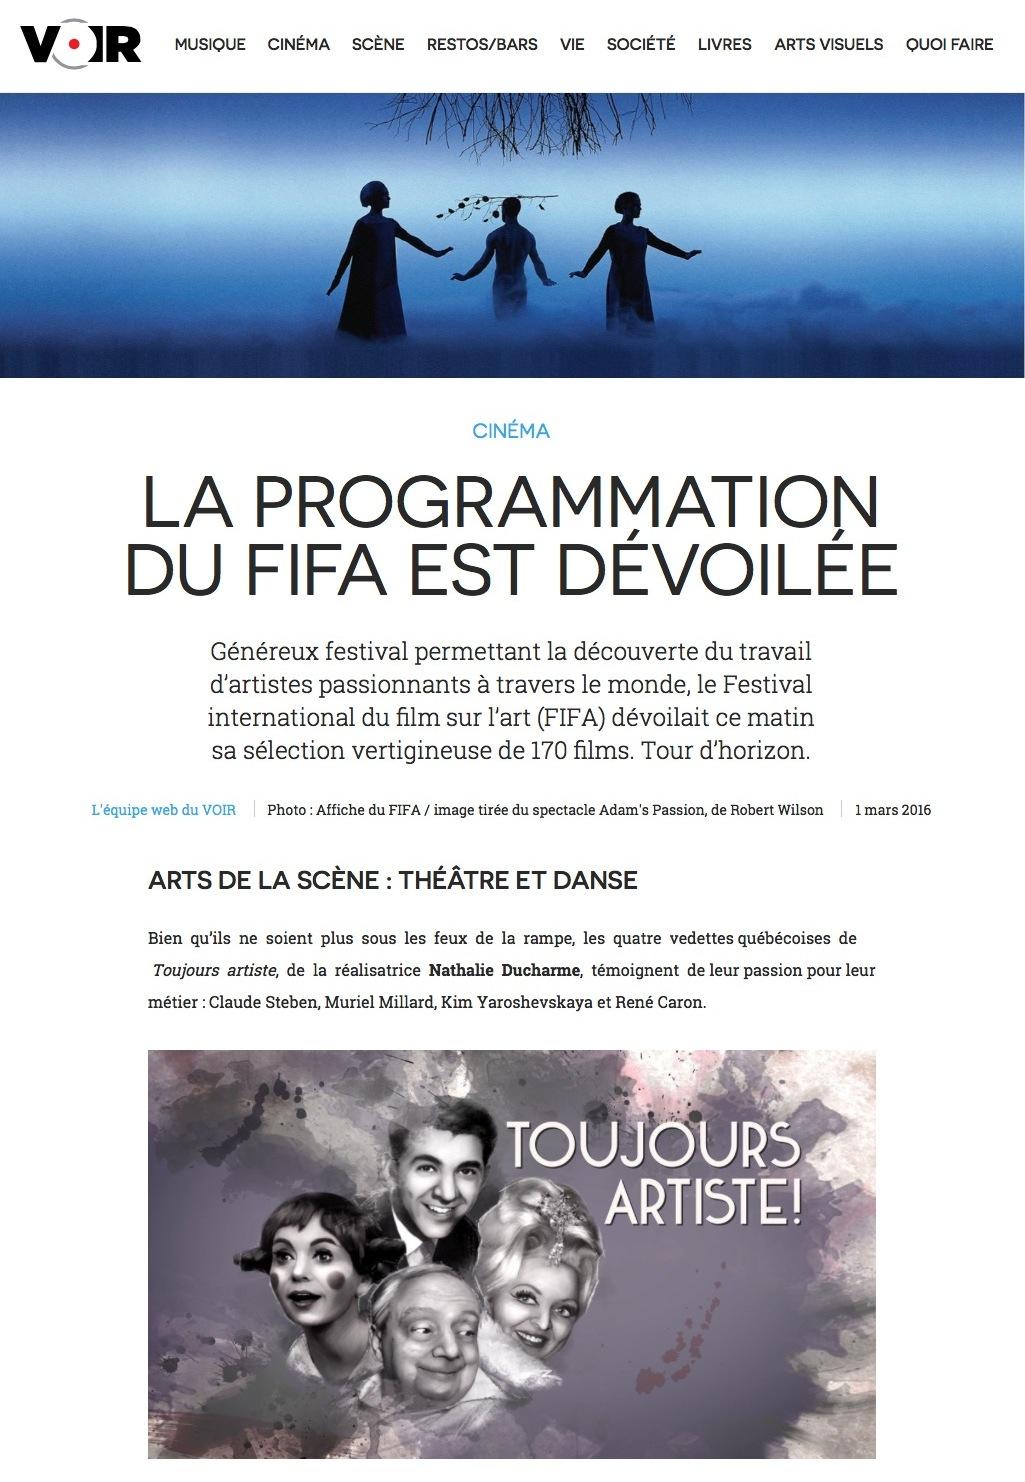 toujours artiste de nathalie ducharme au fifa - 34e festival international du film sur l'art de montréal